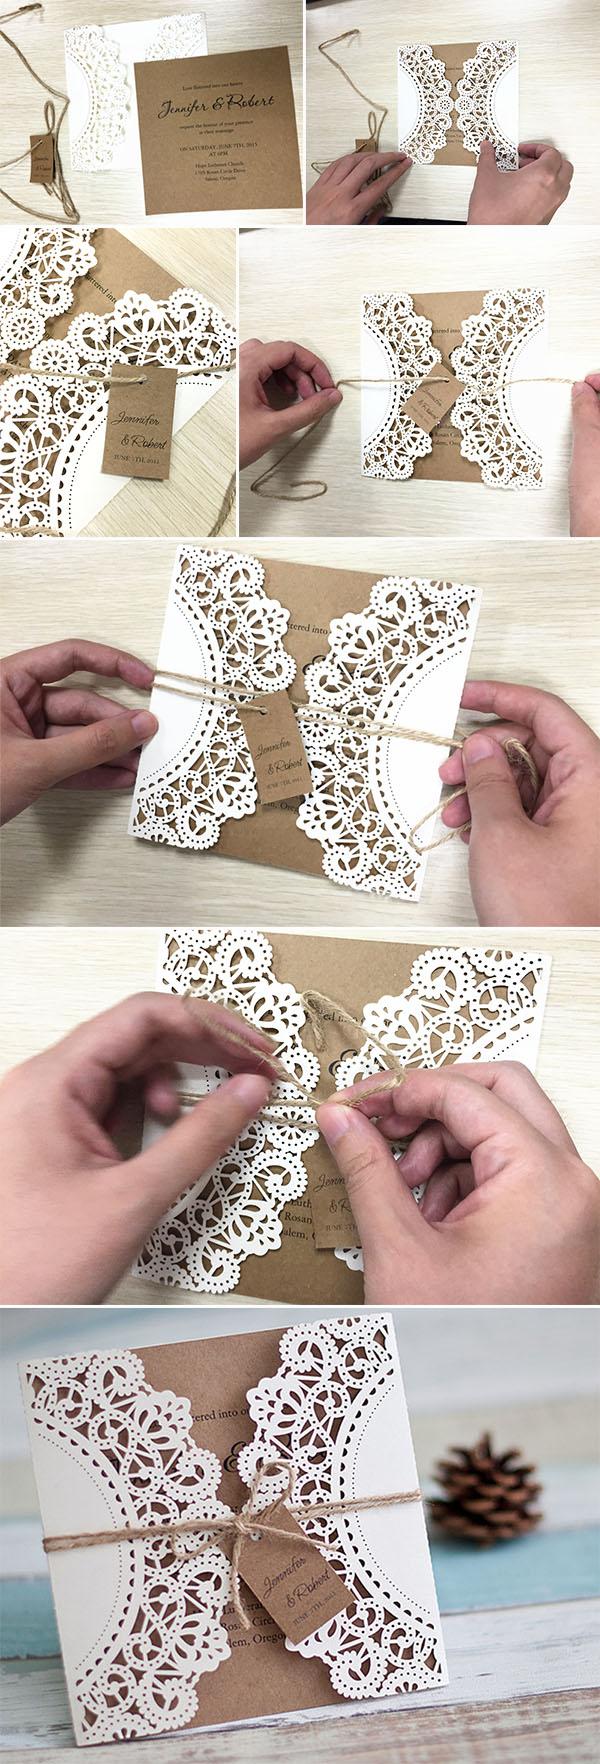 Diy Fall Wedding Ideas Diy Wedding Ideas 10 Perfect Ways To Use Paper For Weddings